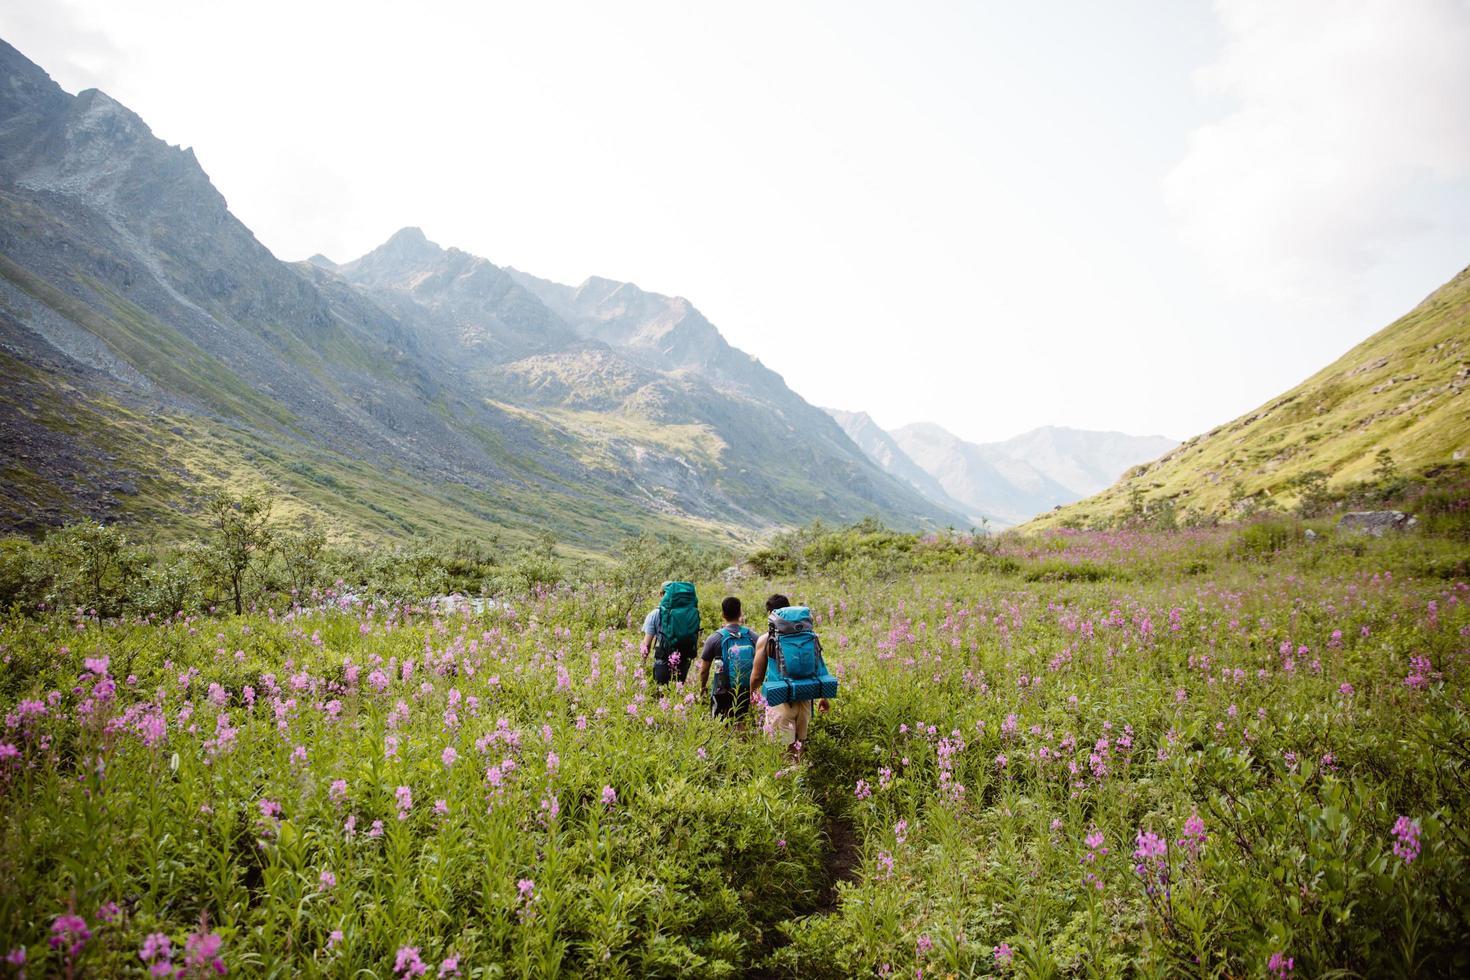 caminhantes caminhando entre flores silvestres no Alasca foto